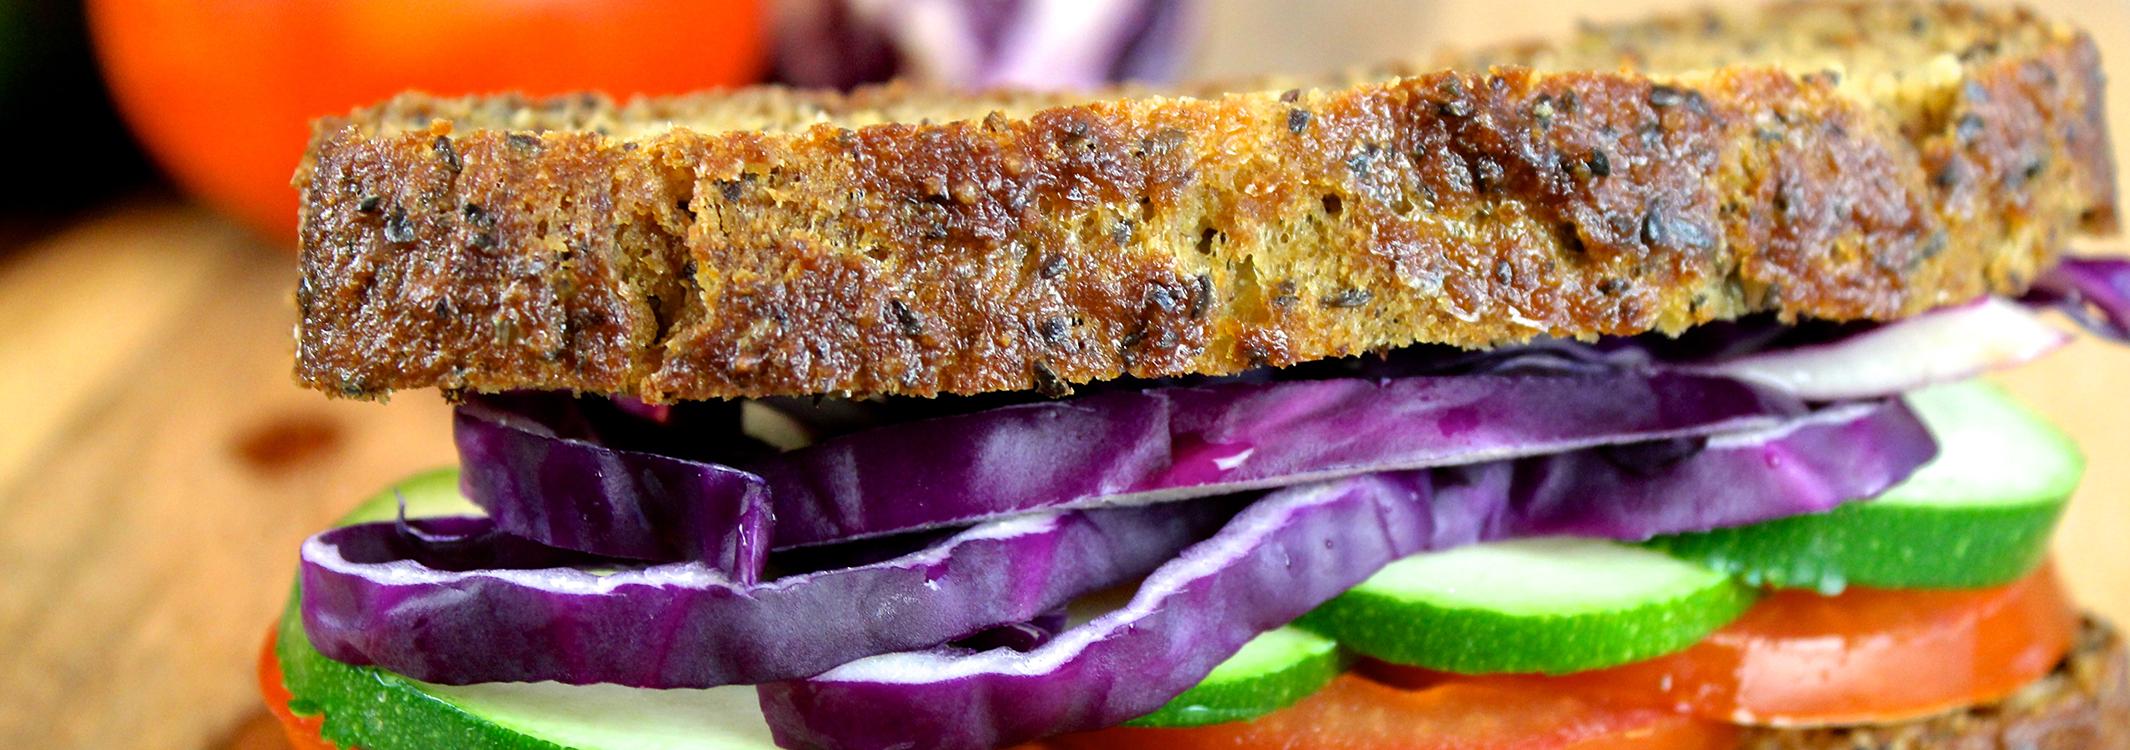 almond-bread